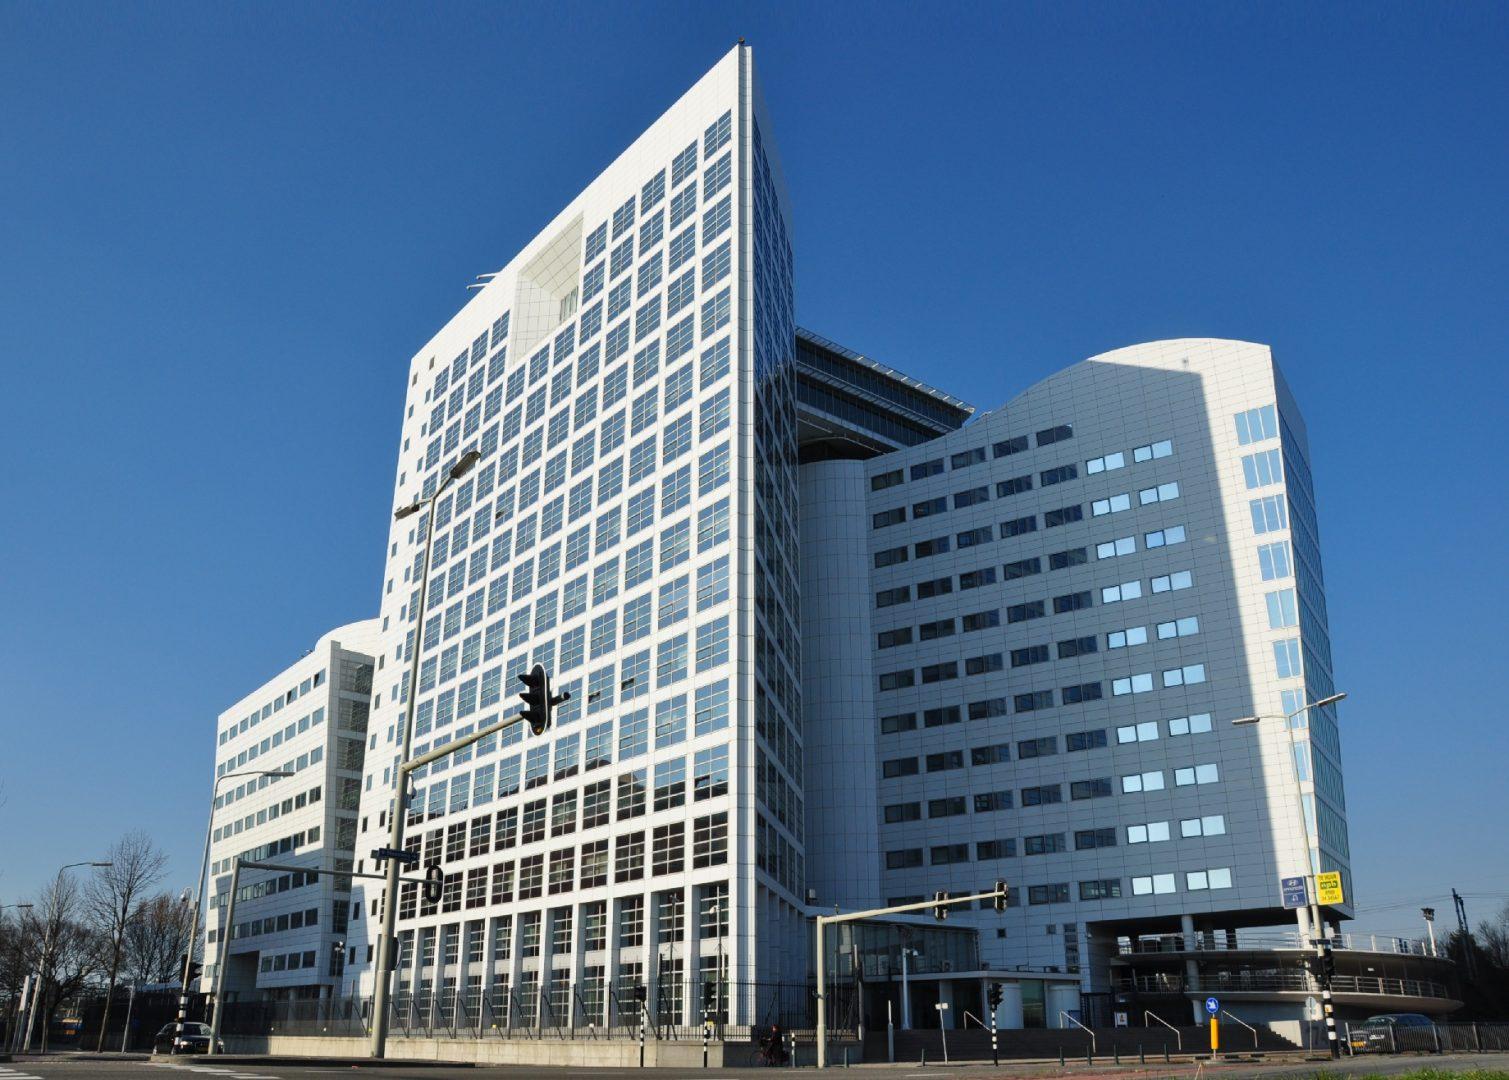 Międzynarodowy Trybunał Karny nakolejnym rozdrożu